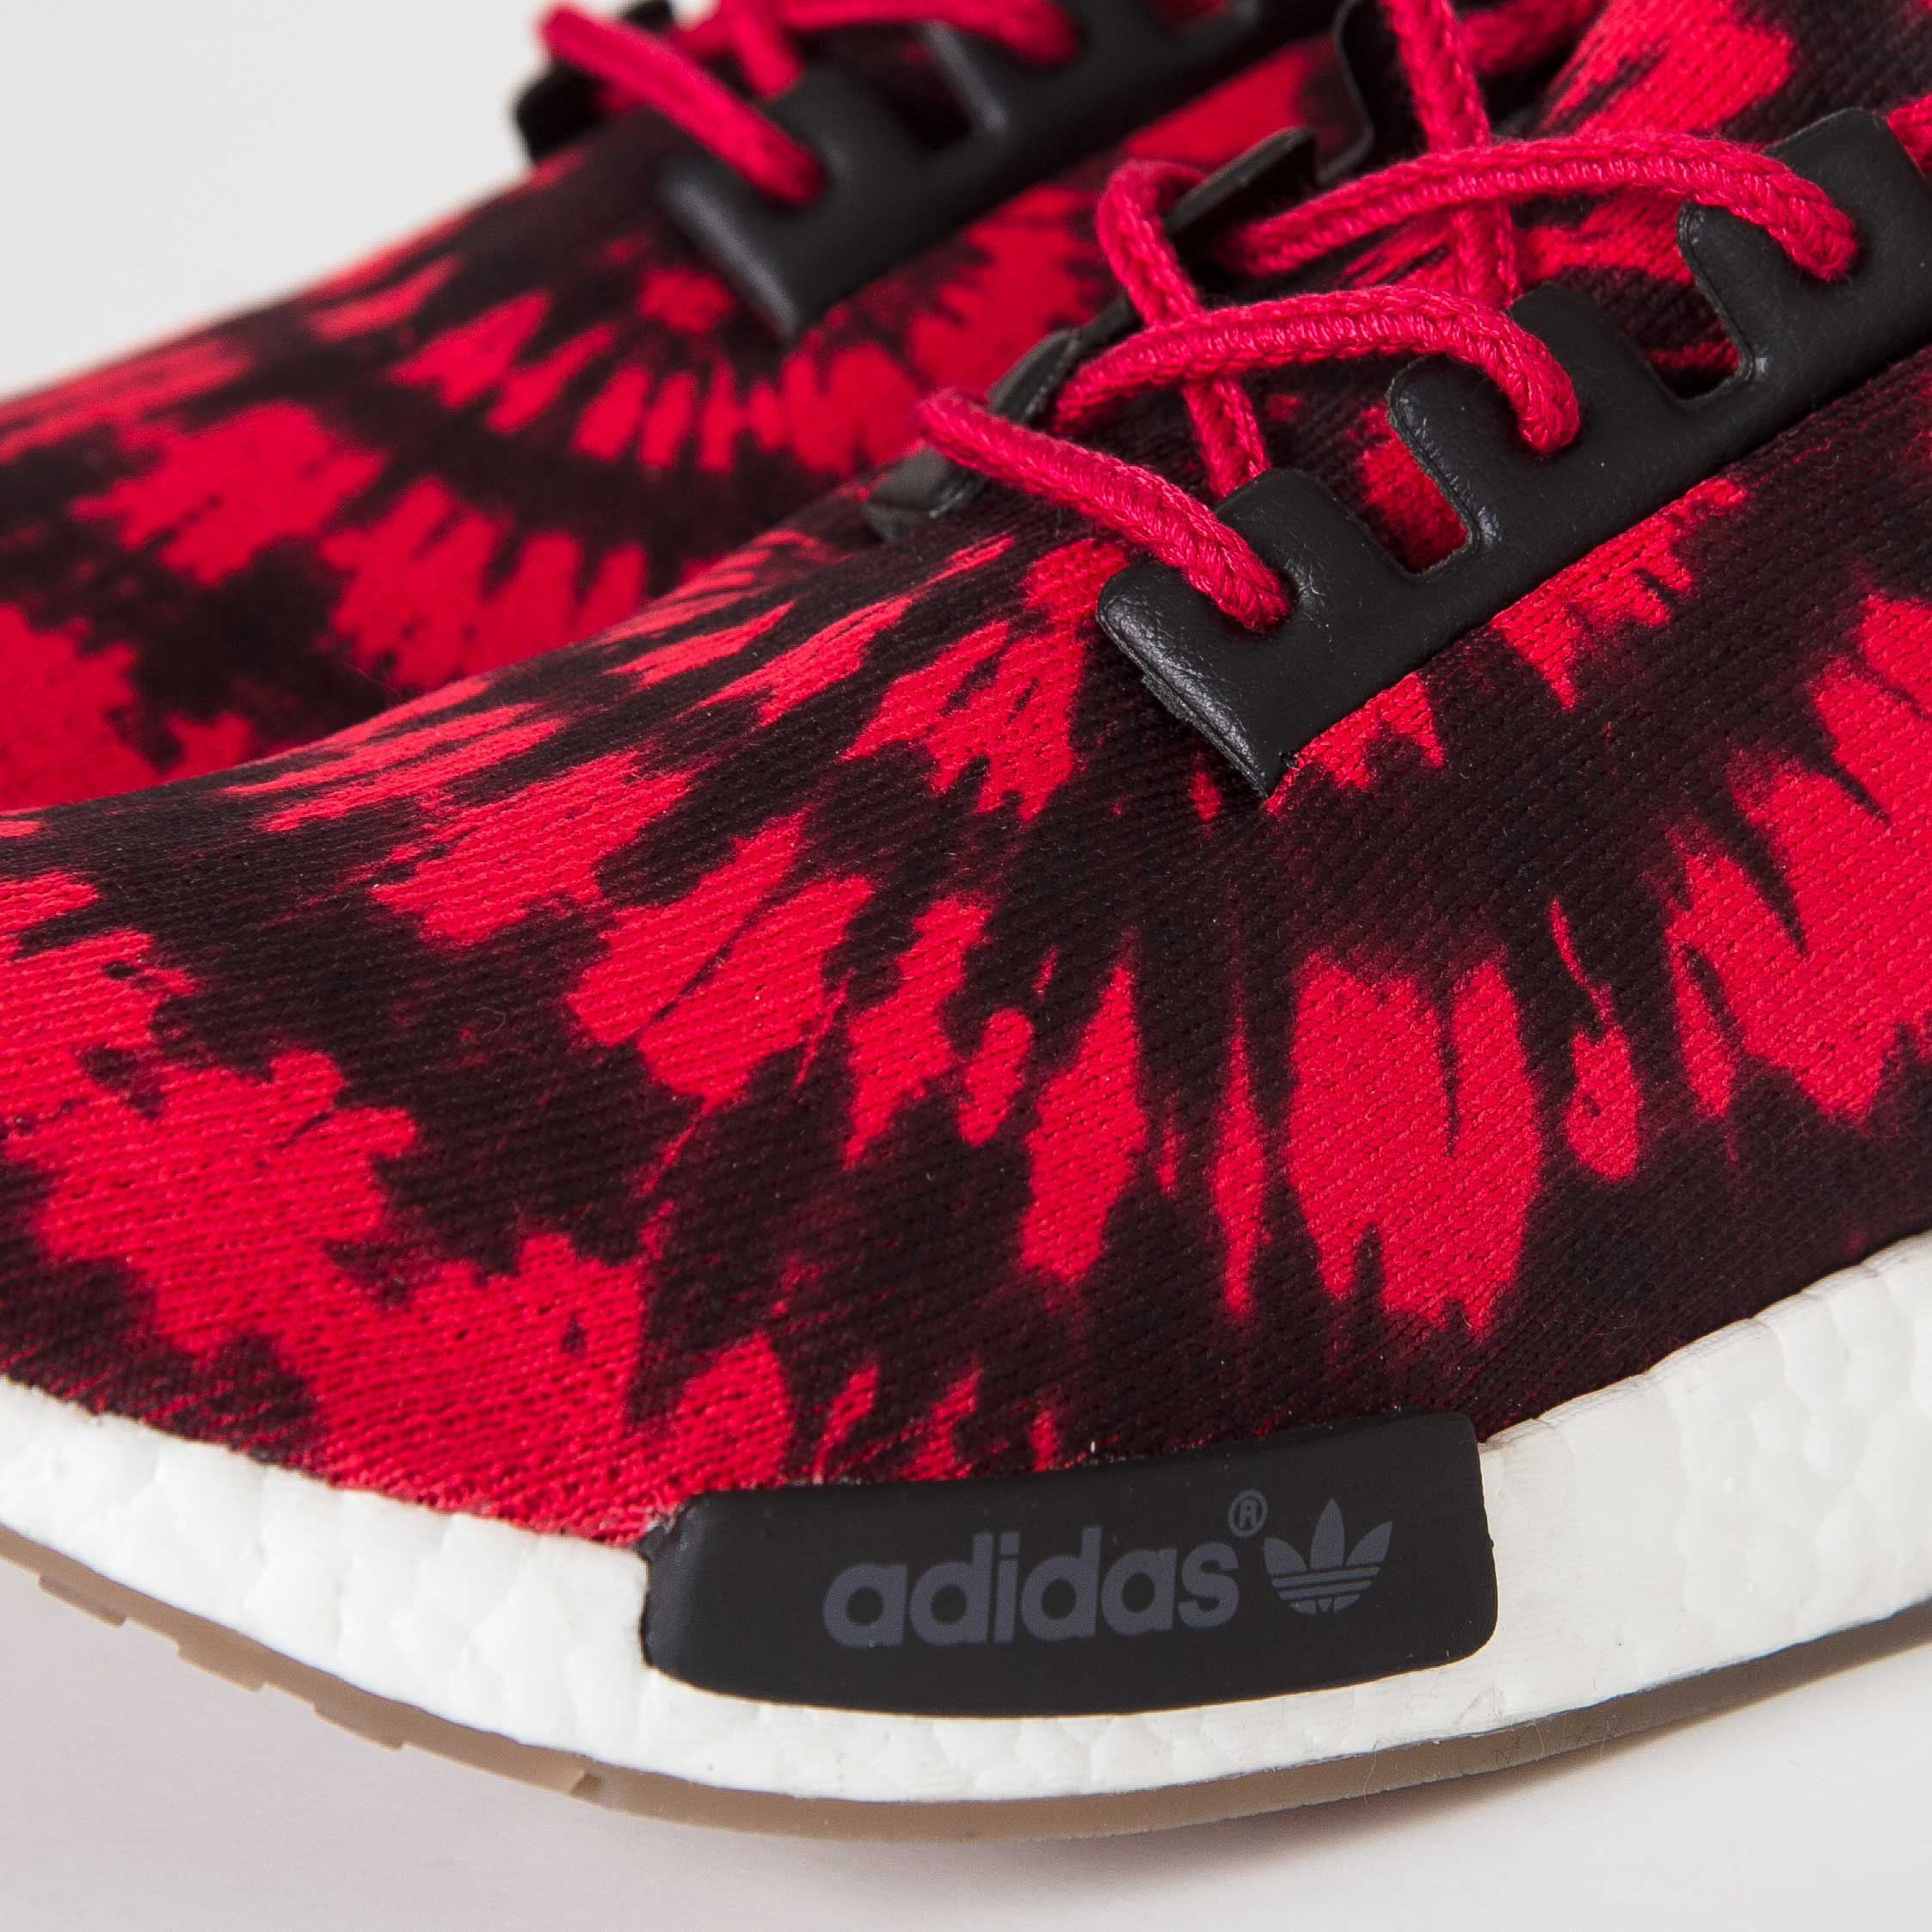 29625d59de015 ... spain adidas nmdr1 pk x nice kicks 8e8d7 a08e1 official adidas nmd r1  pk nice kicks cred cblack ...